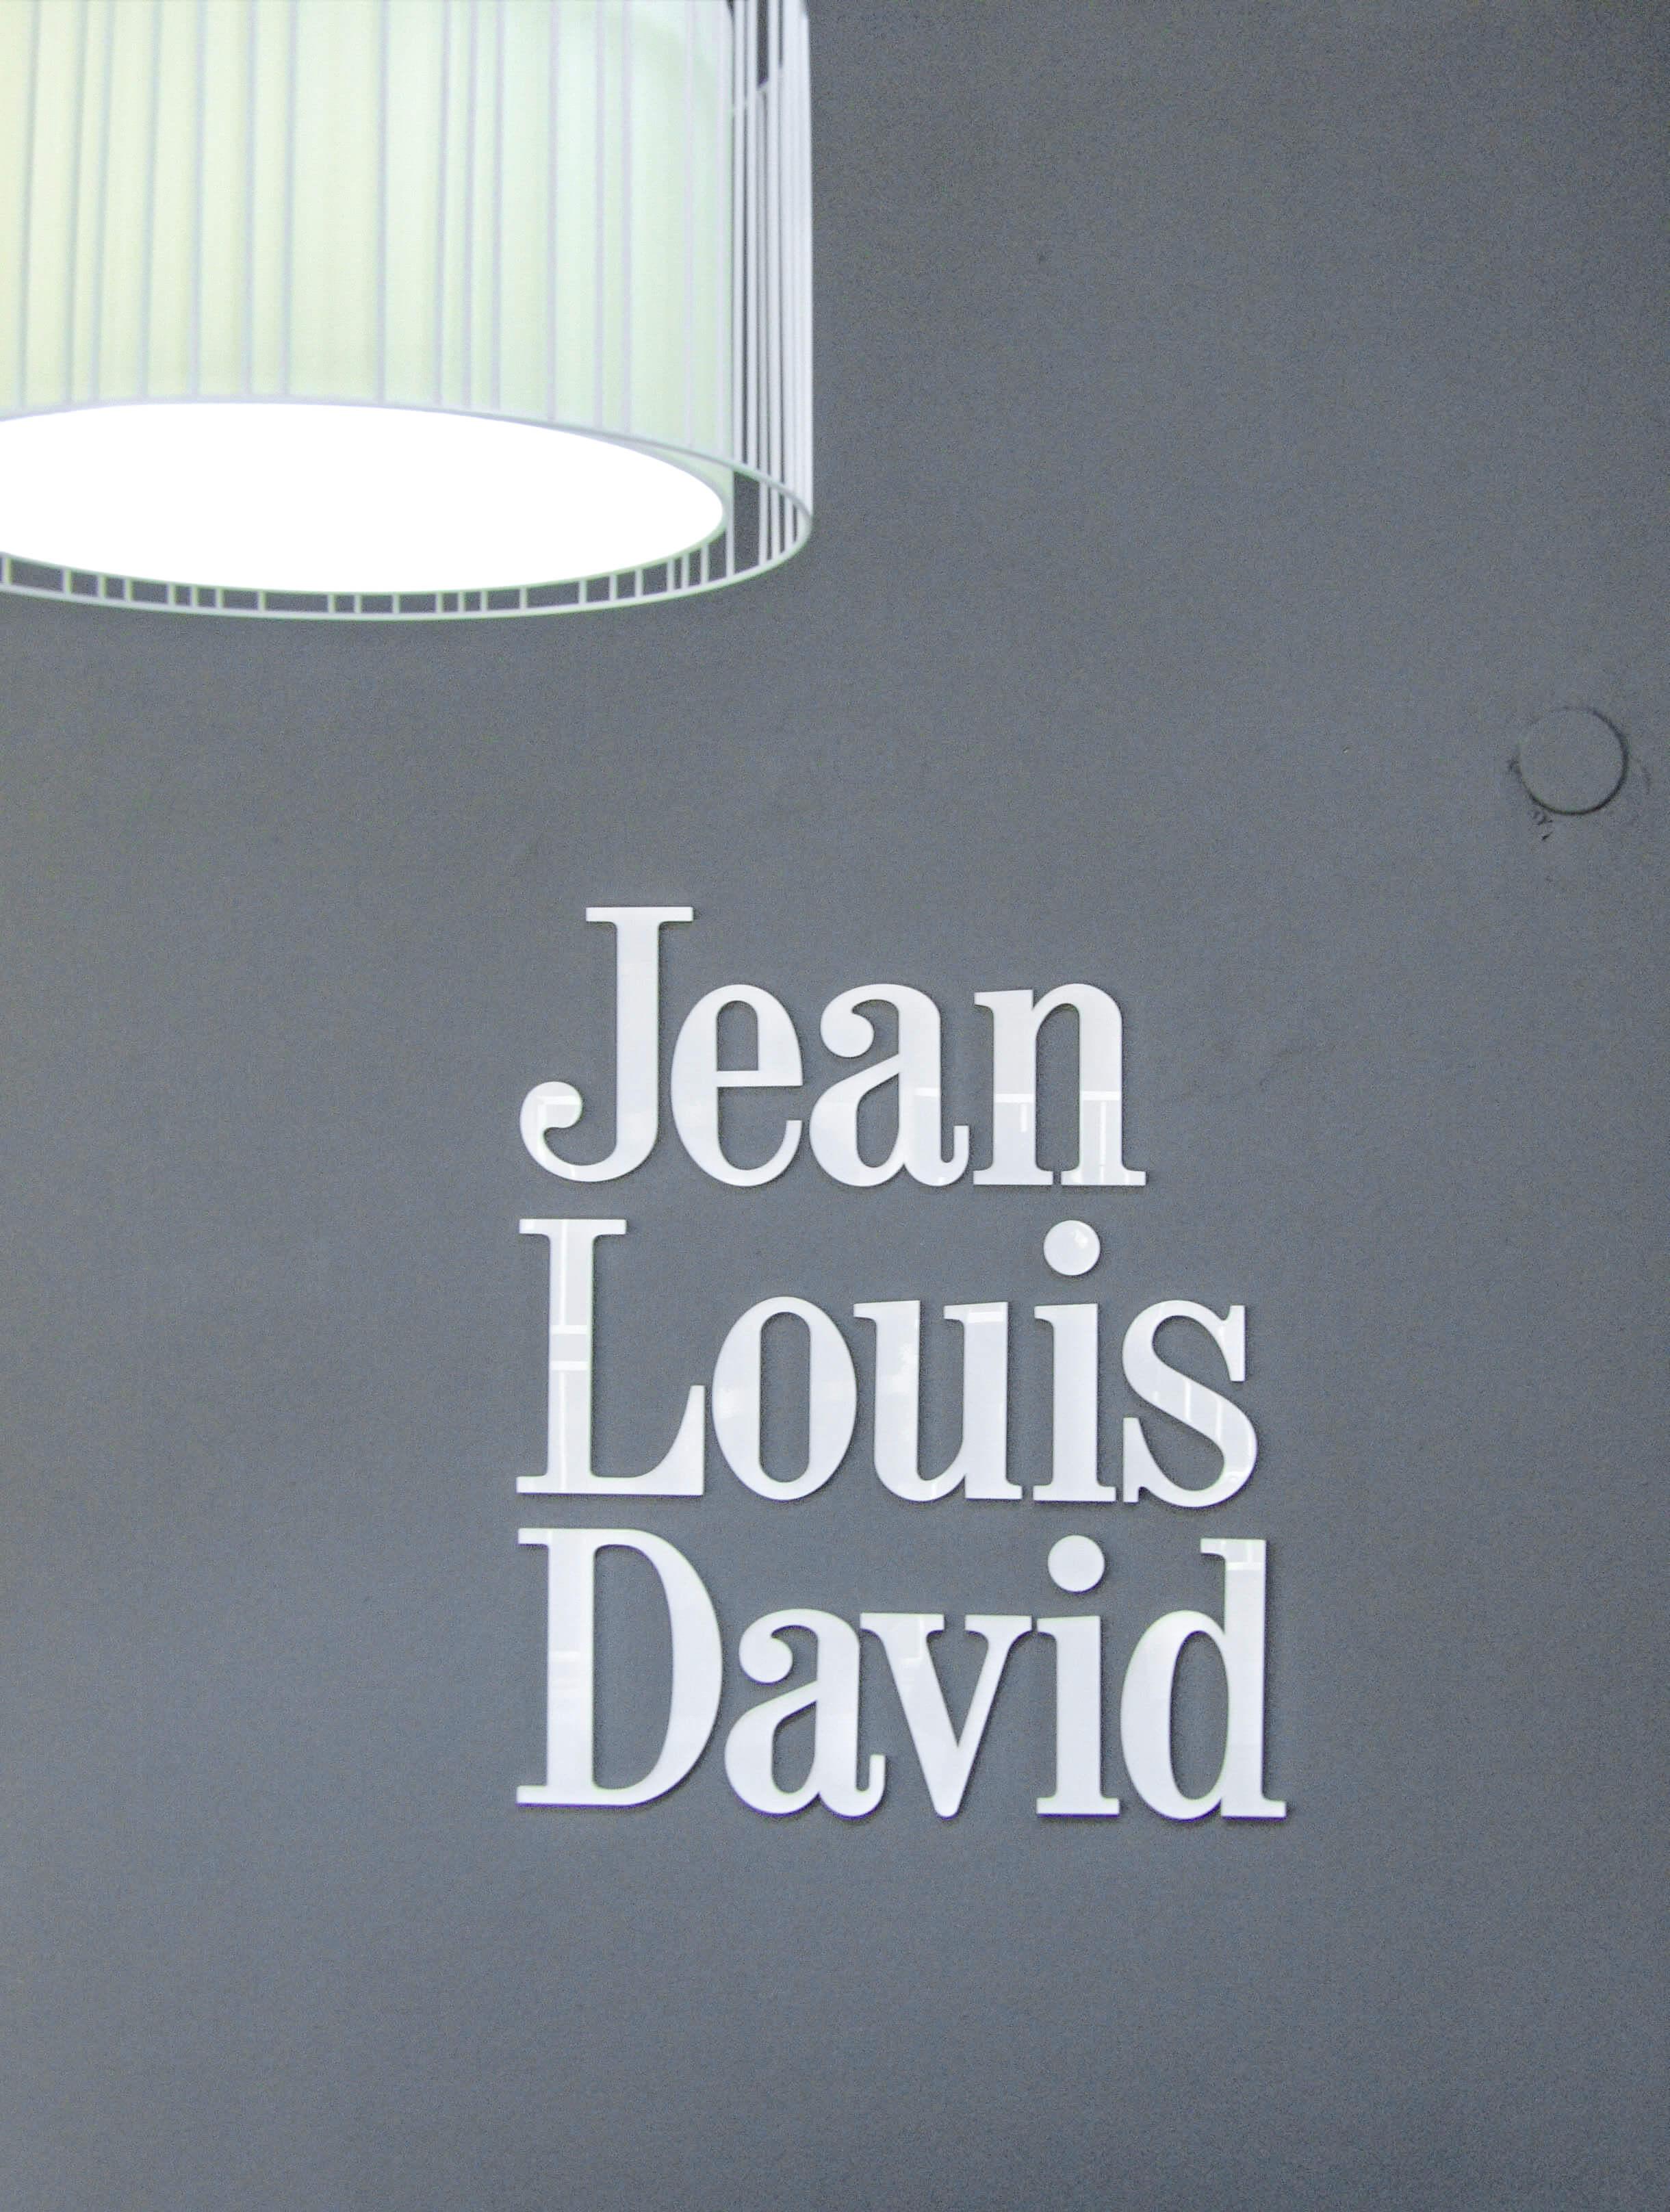 Jean Louis David Badalona